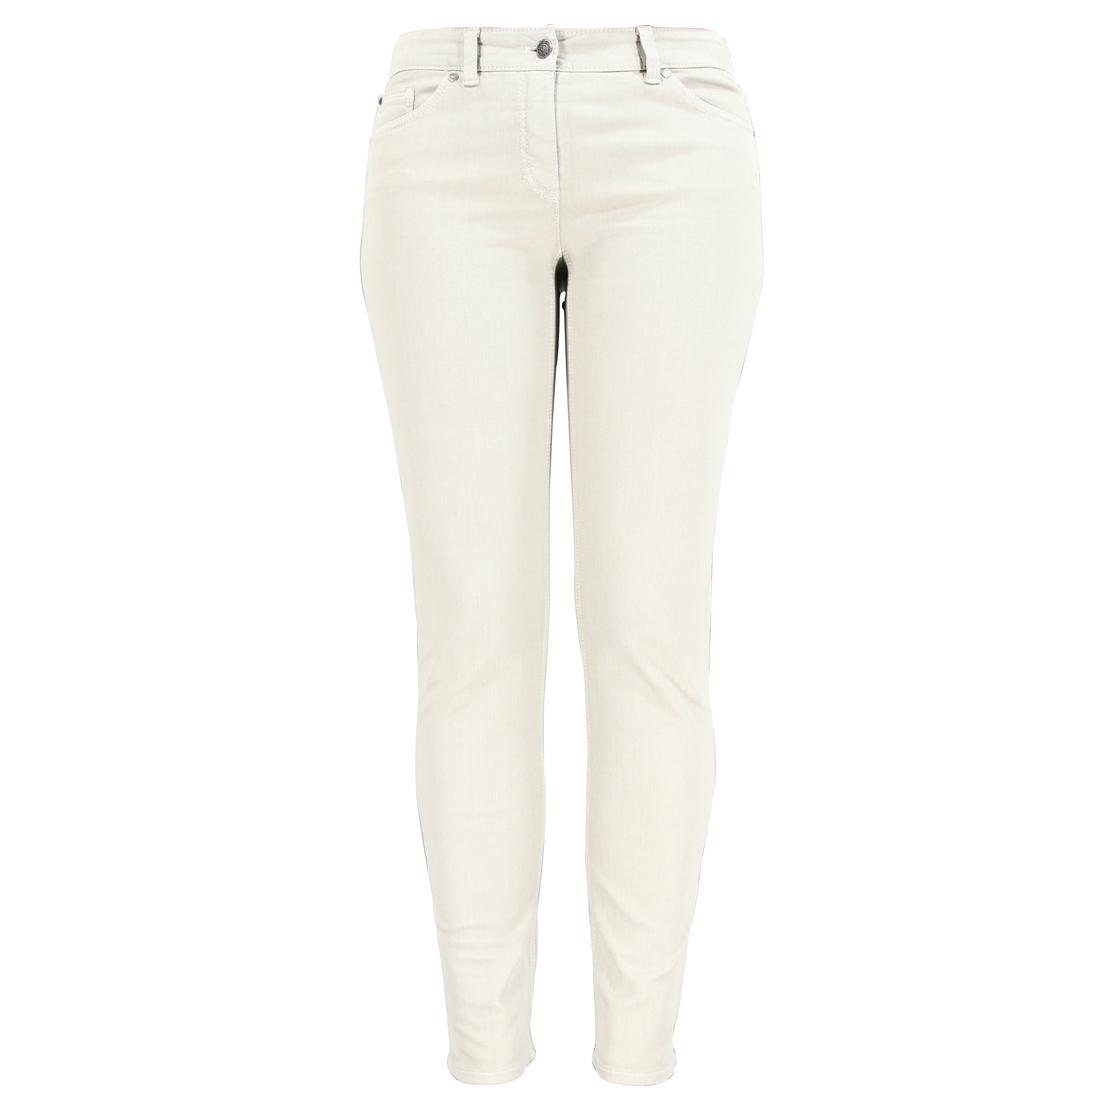 Gerry Edition jeans 92151-67810 in het Beige